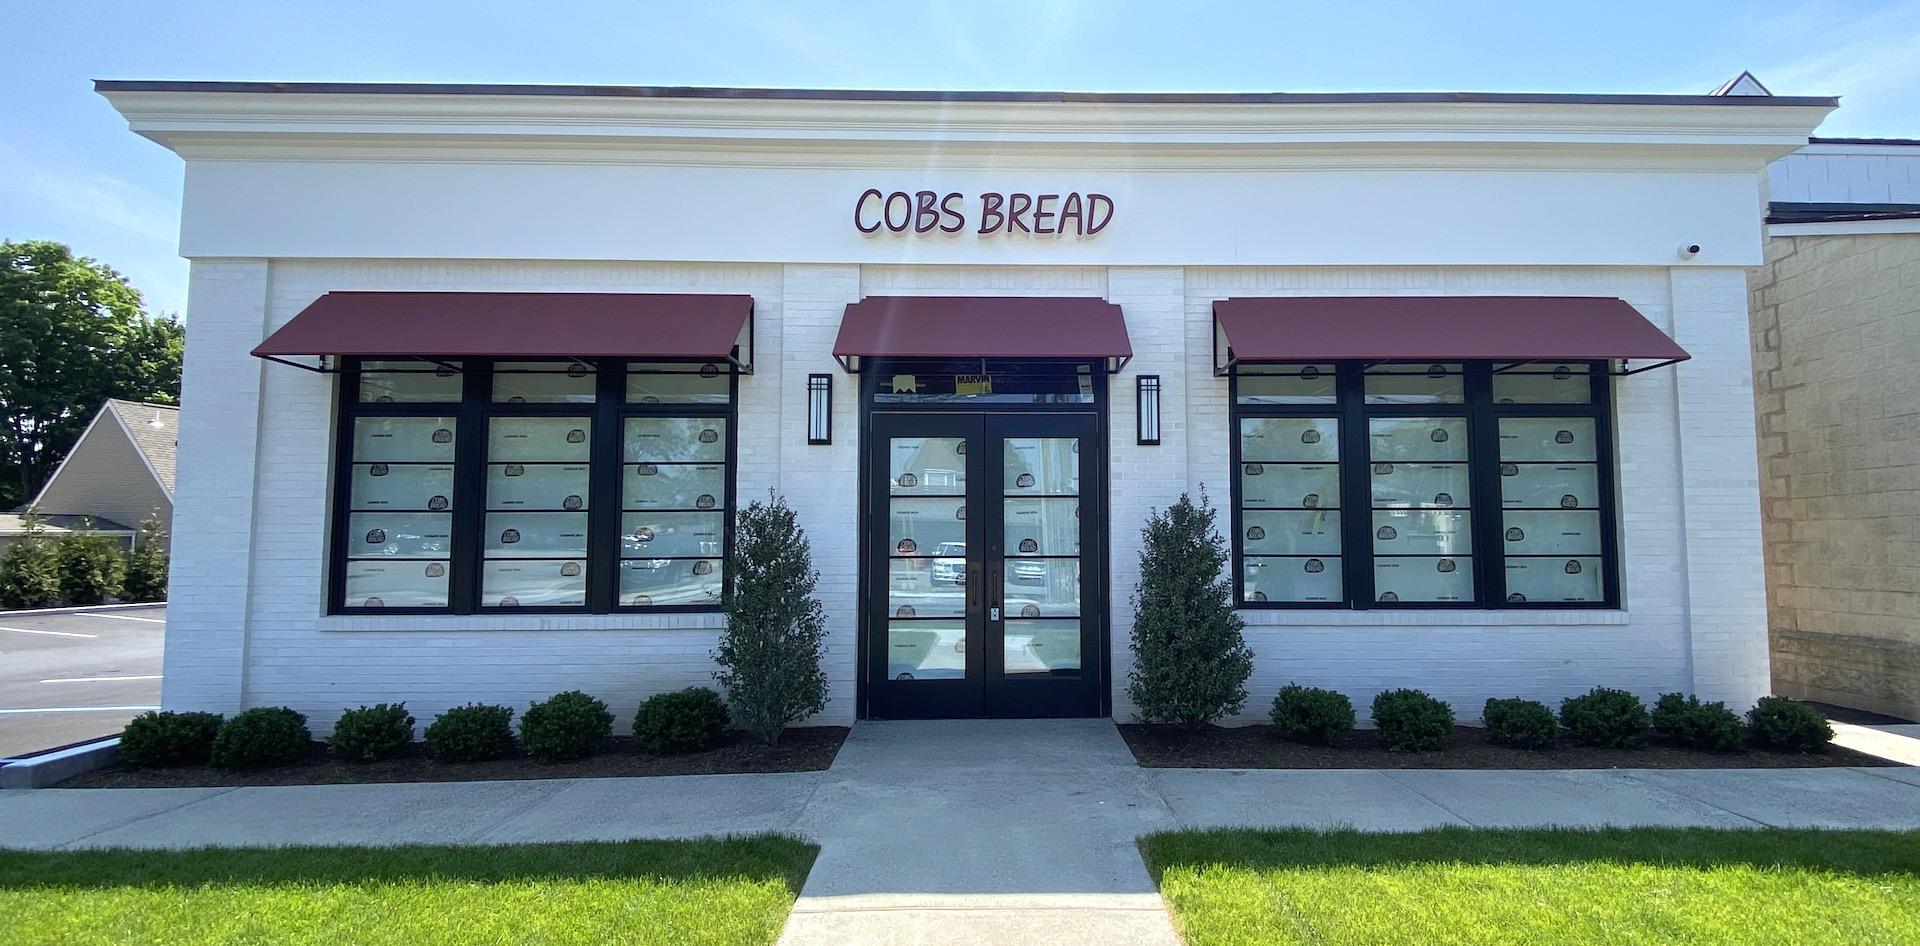 Cobs Bread exterior